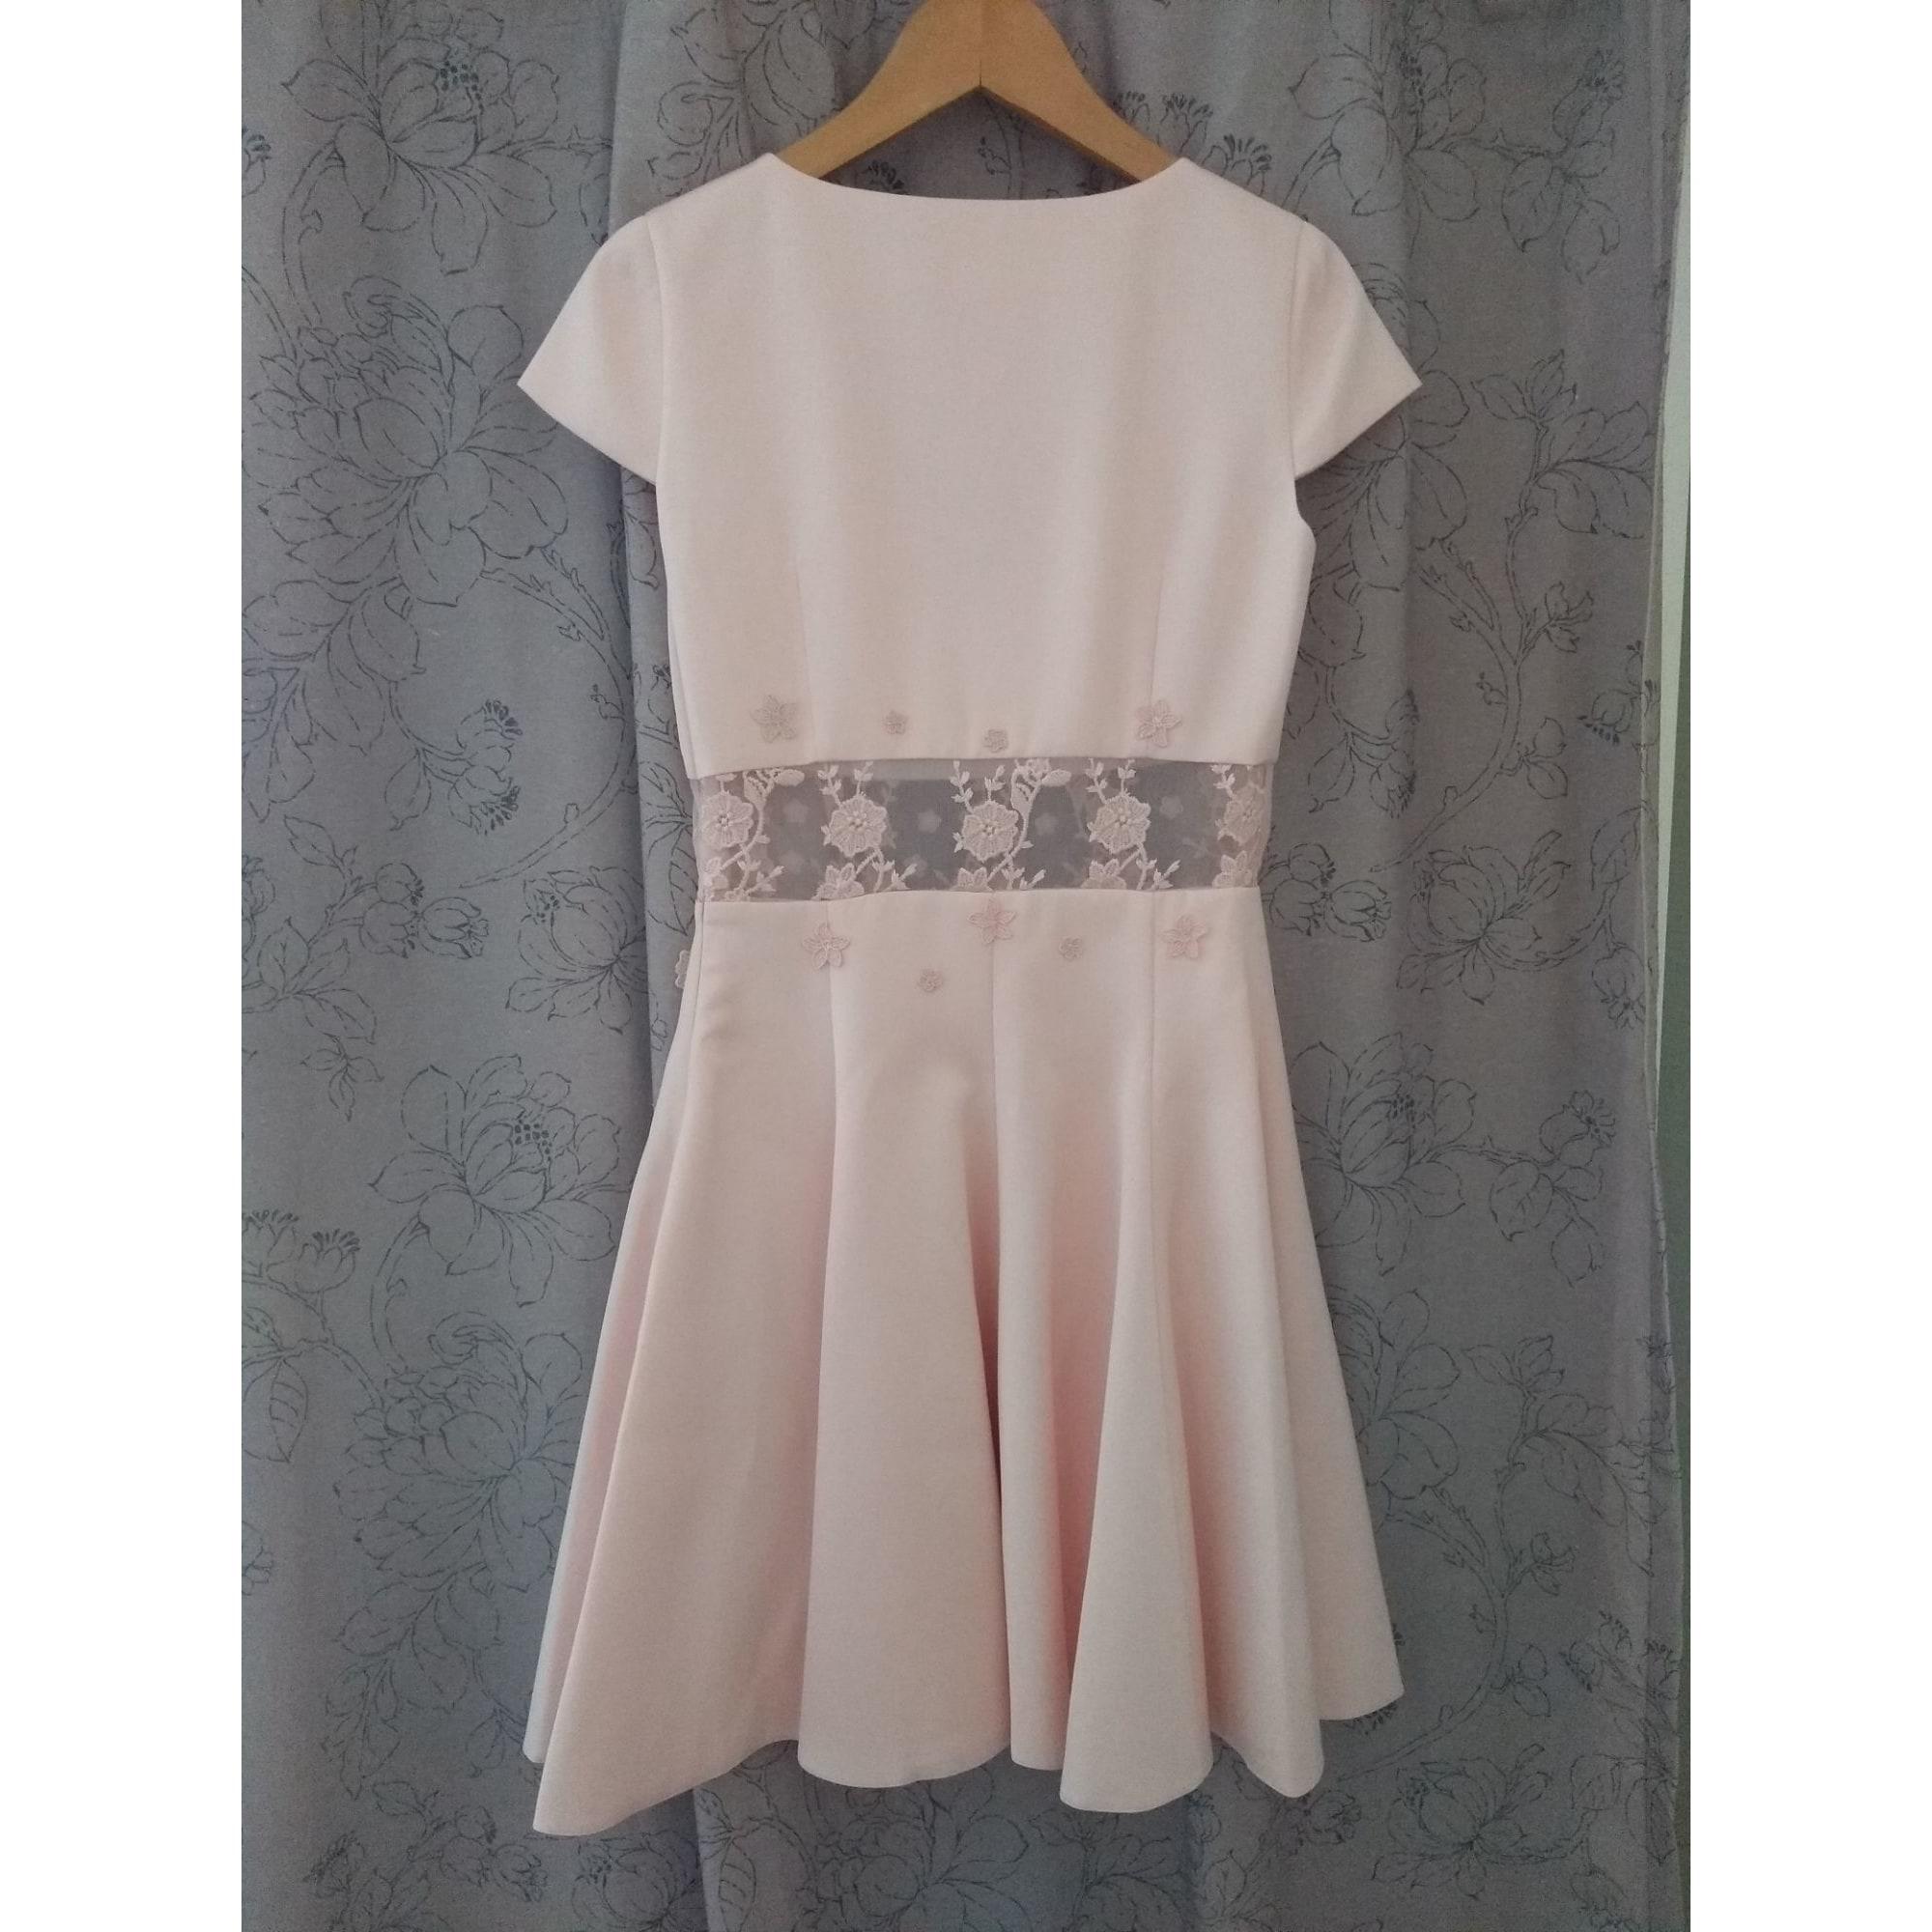 Robe courte RIME ARODAKY 38 (M, T2) rose - 8607334